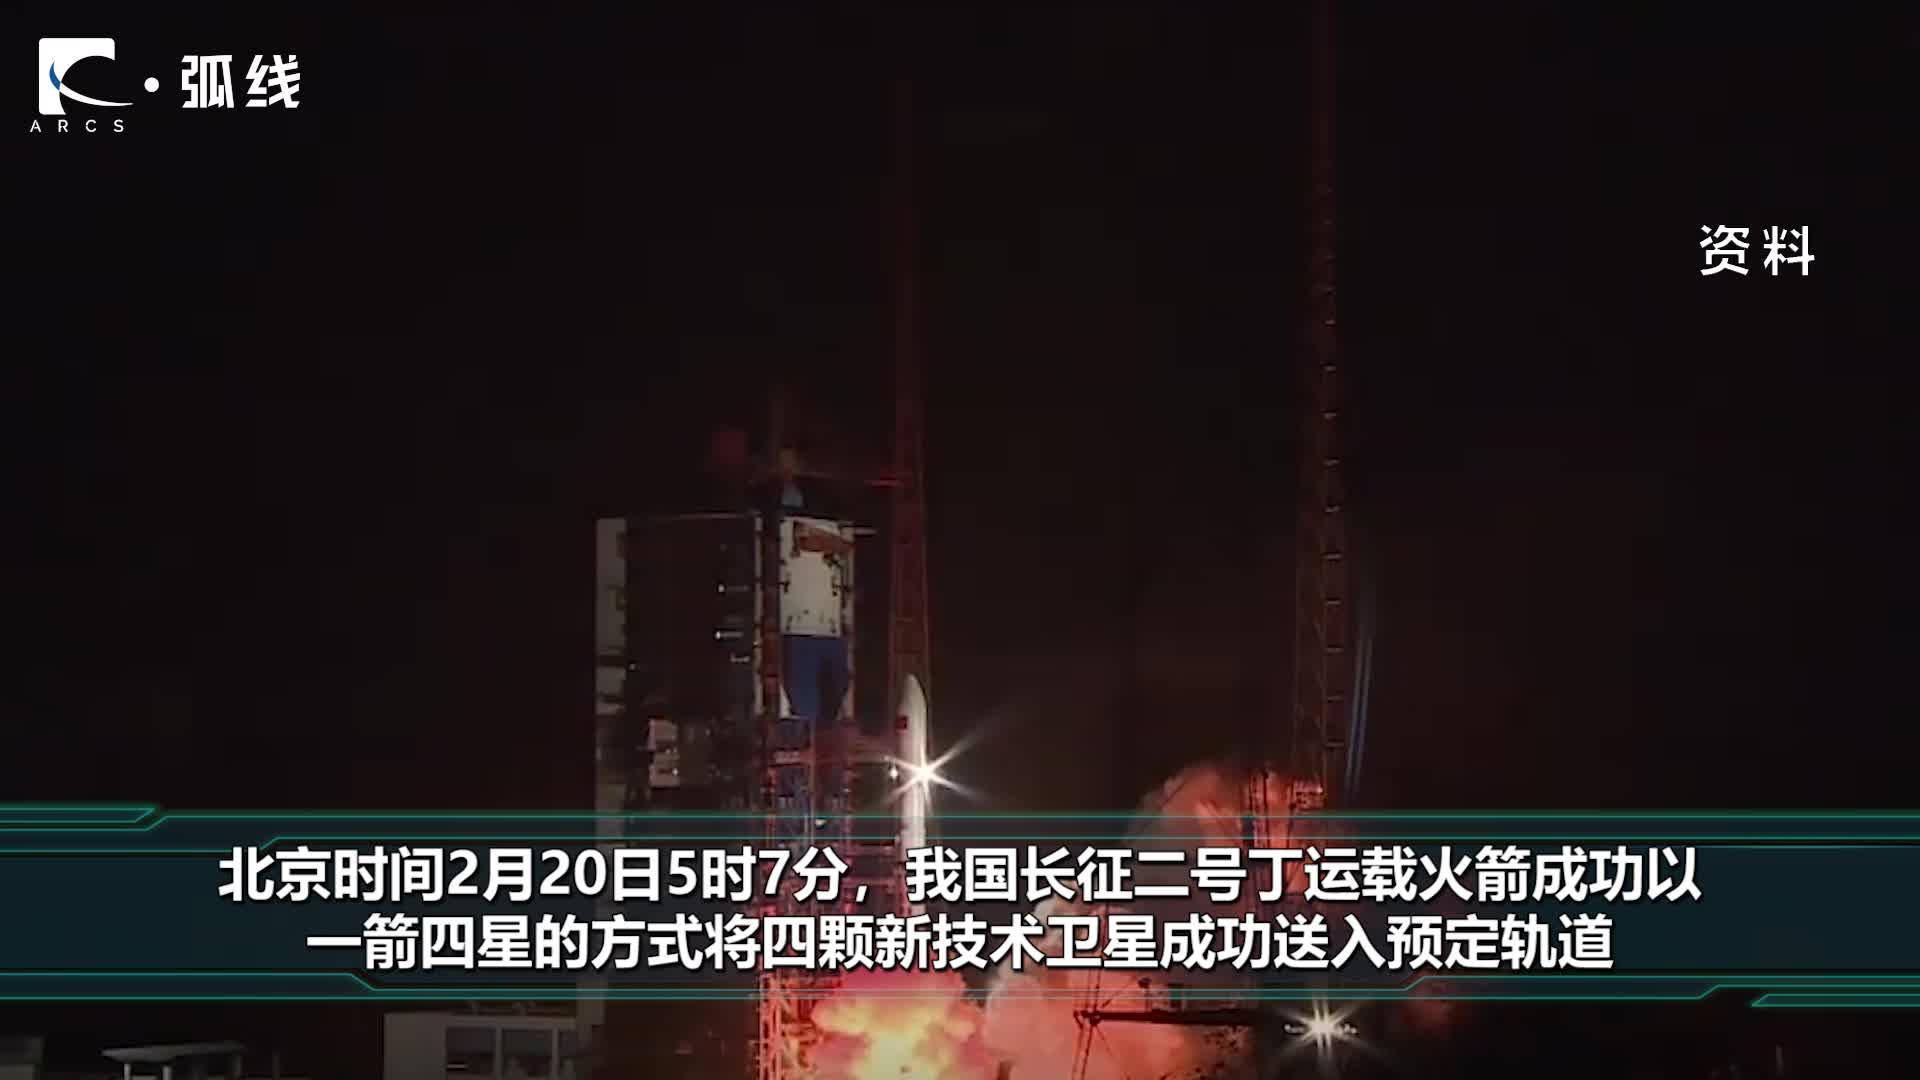 长征二号丁运载火箭首进西昌!一箭四星发射圆满成功